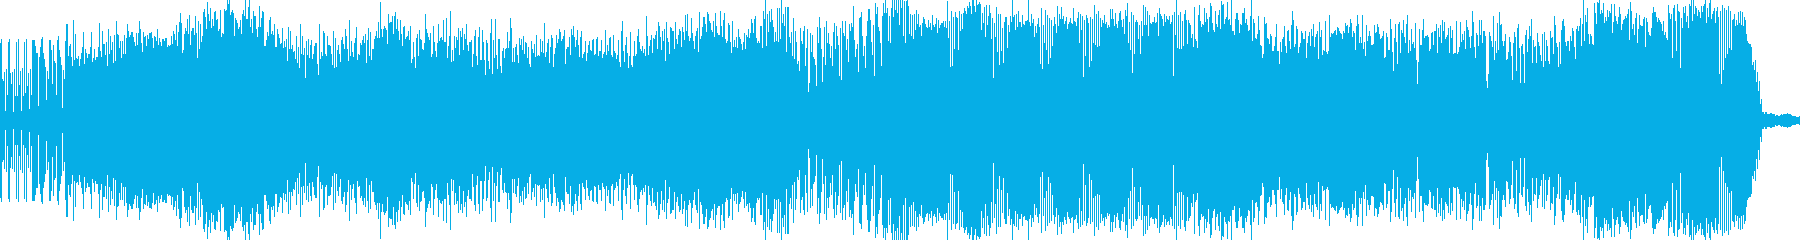 カッコいいアンビエンスBGMの再生済みの波形